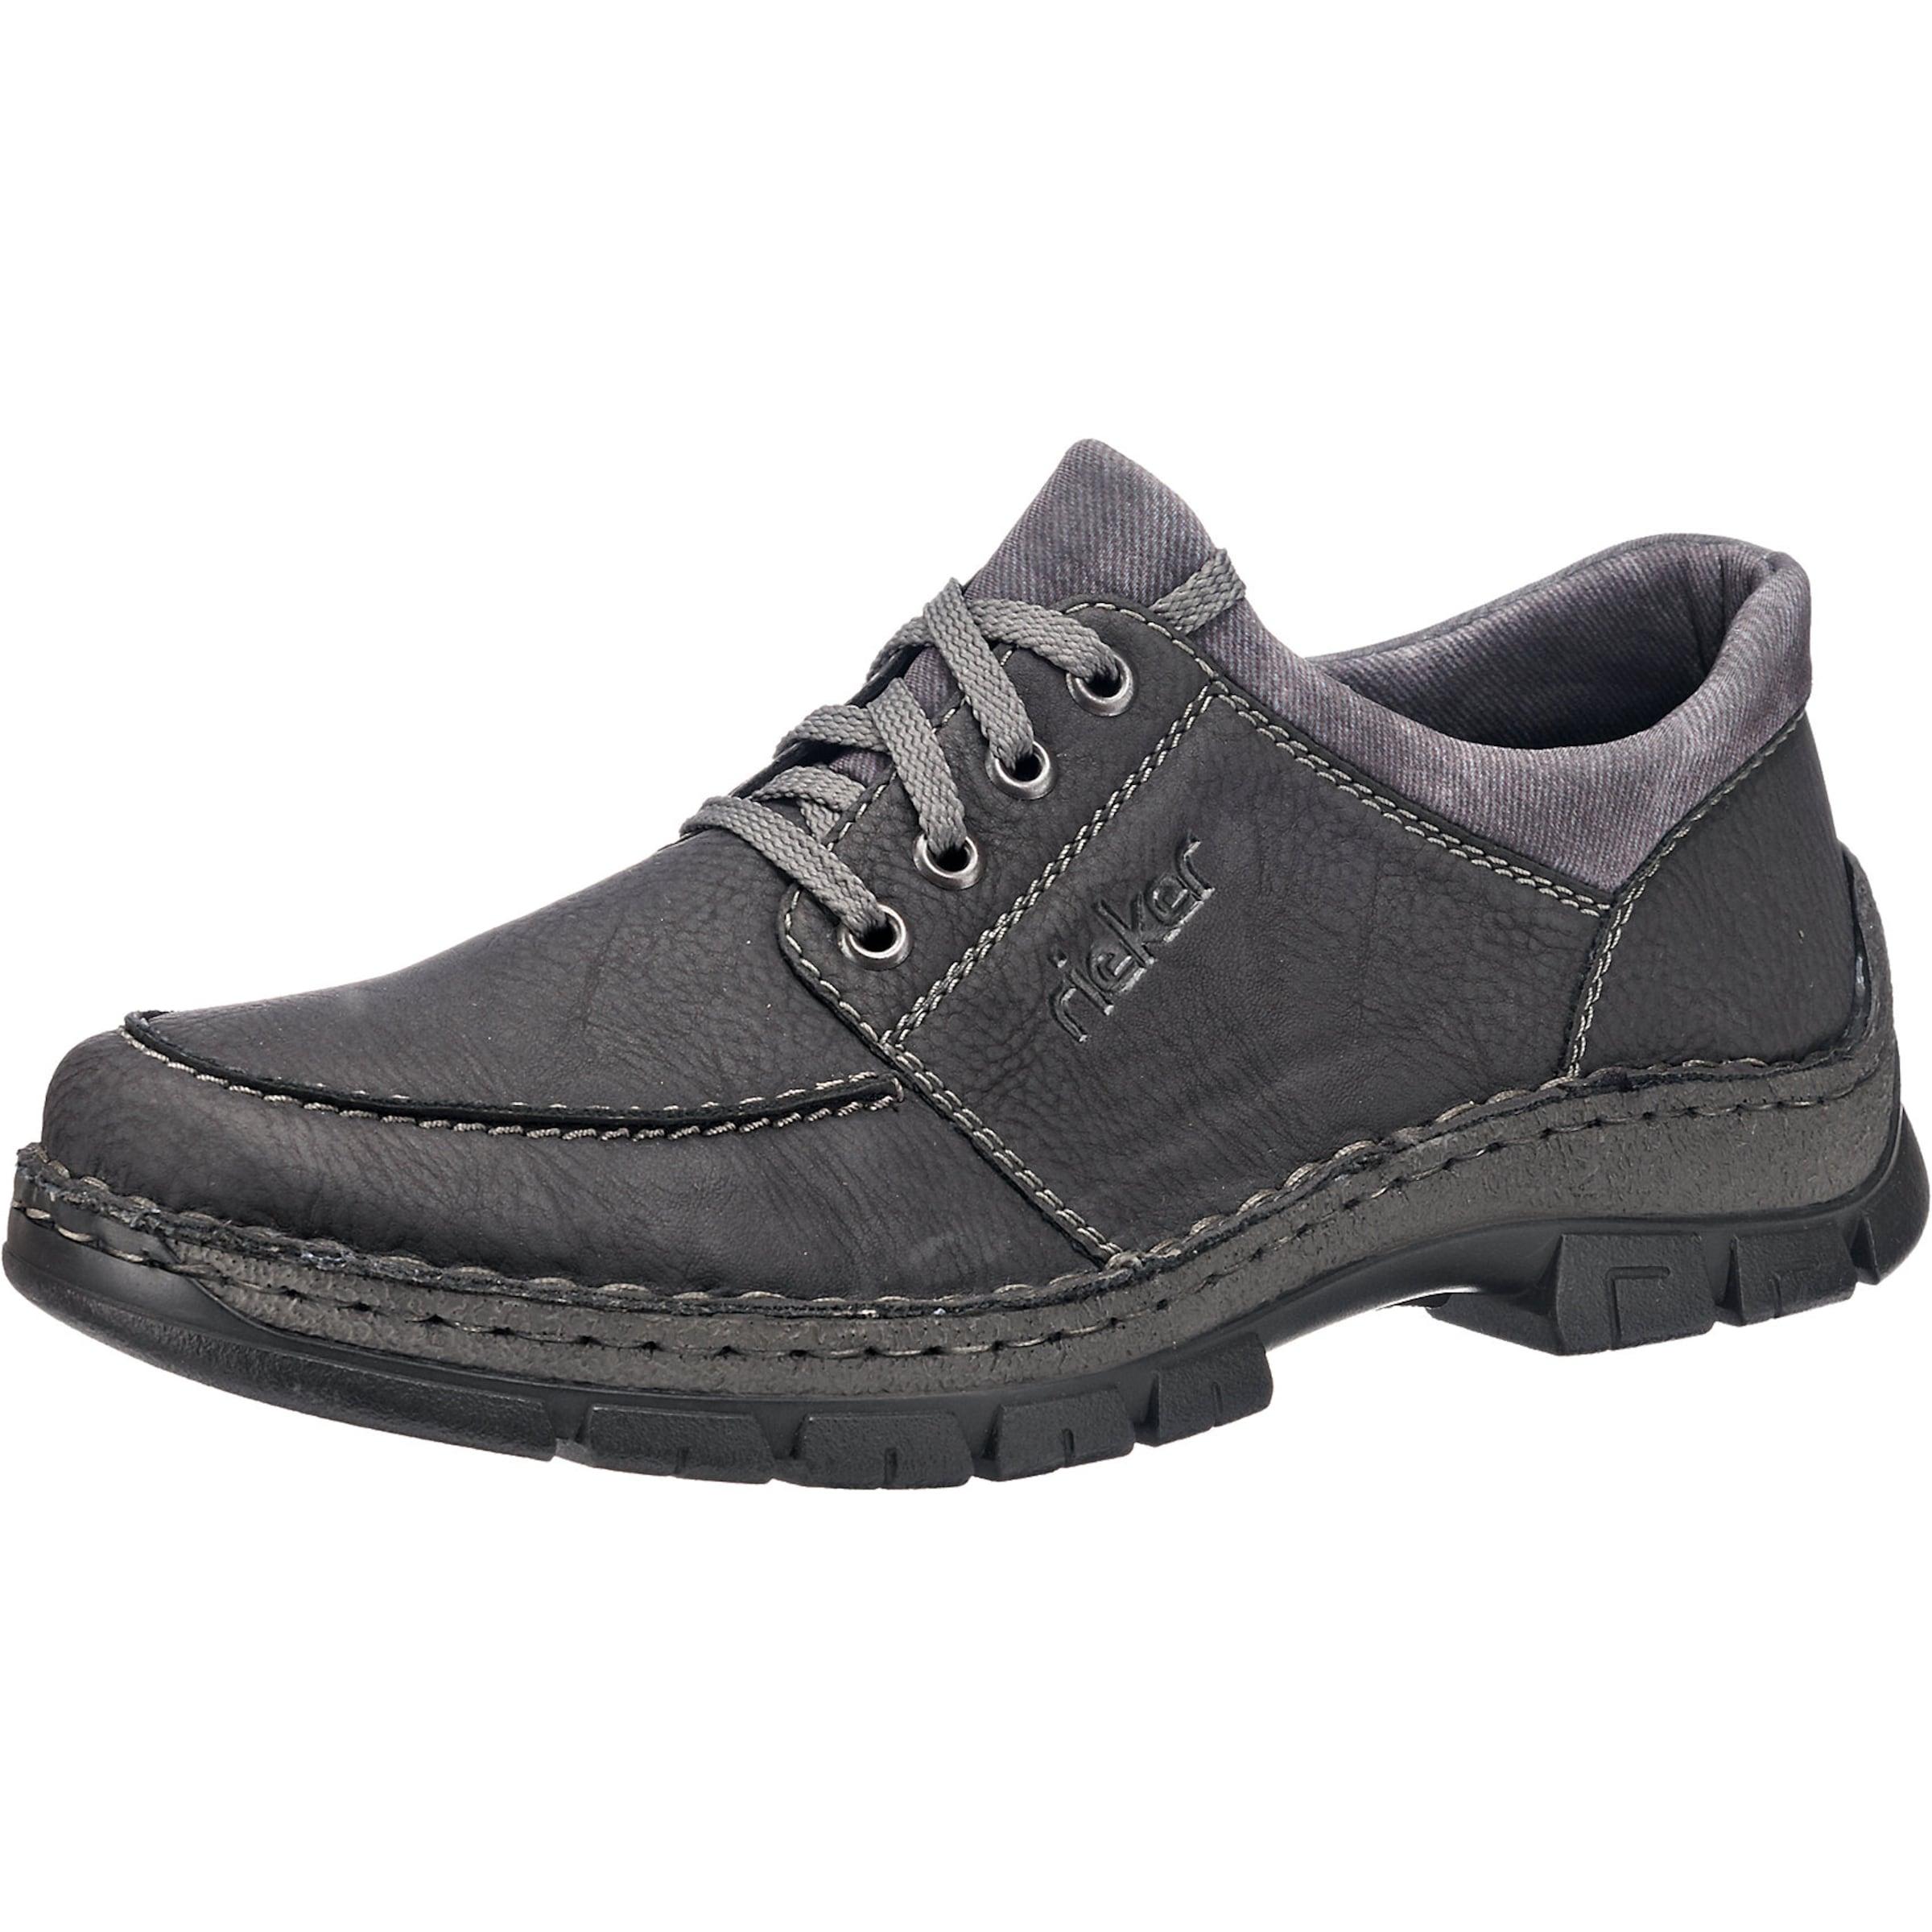 RIEKER Freizeit Schuhe Verschleißfeste billige Schuhe